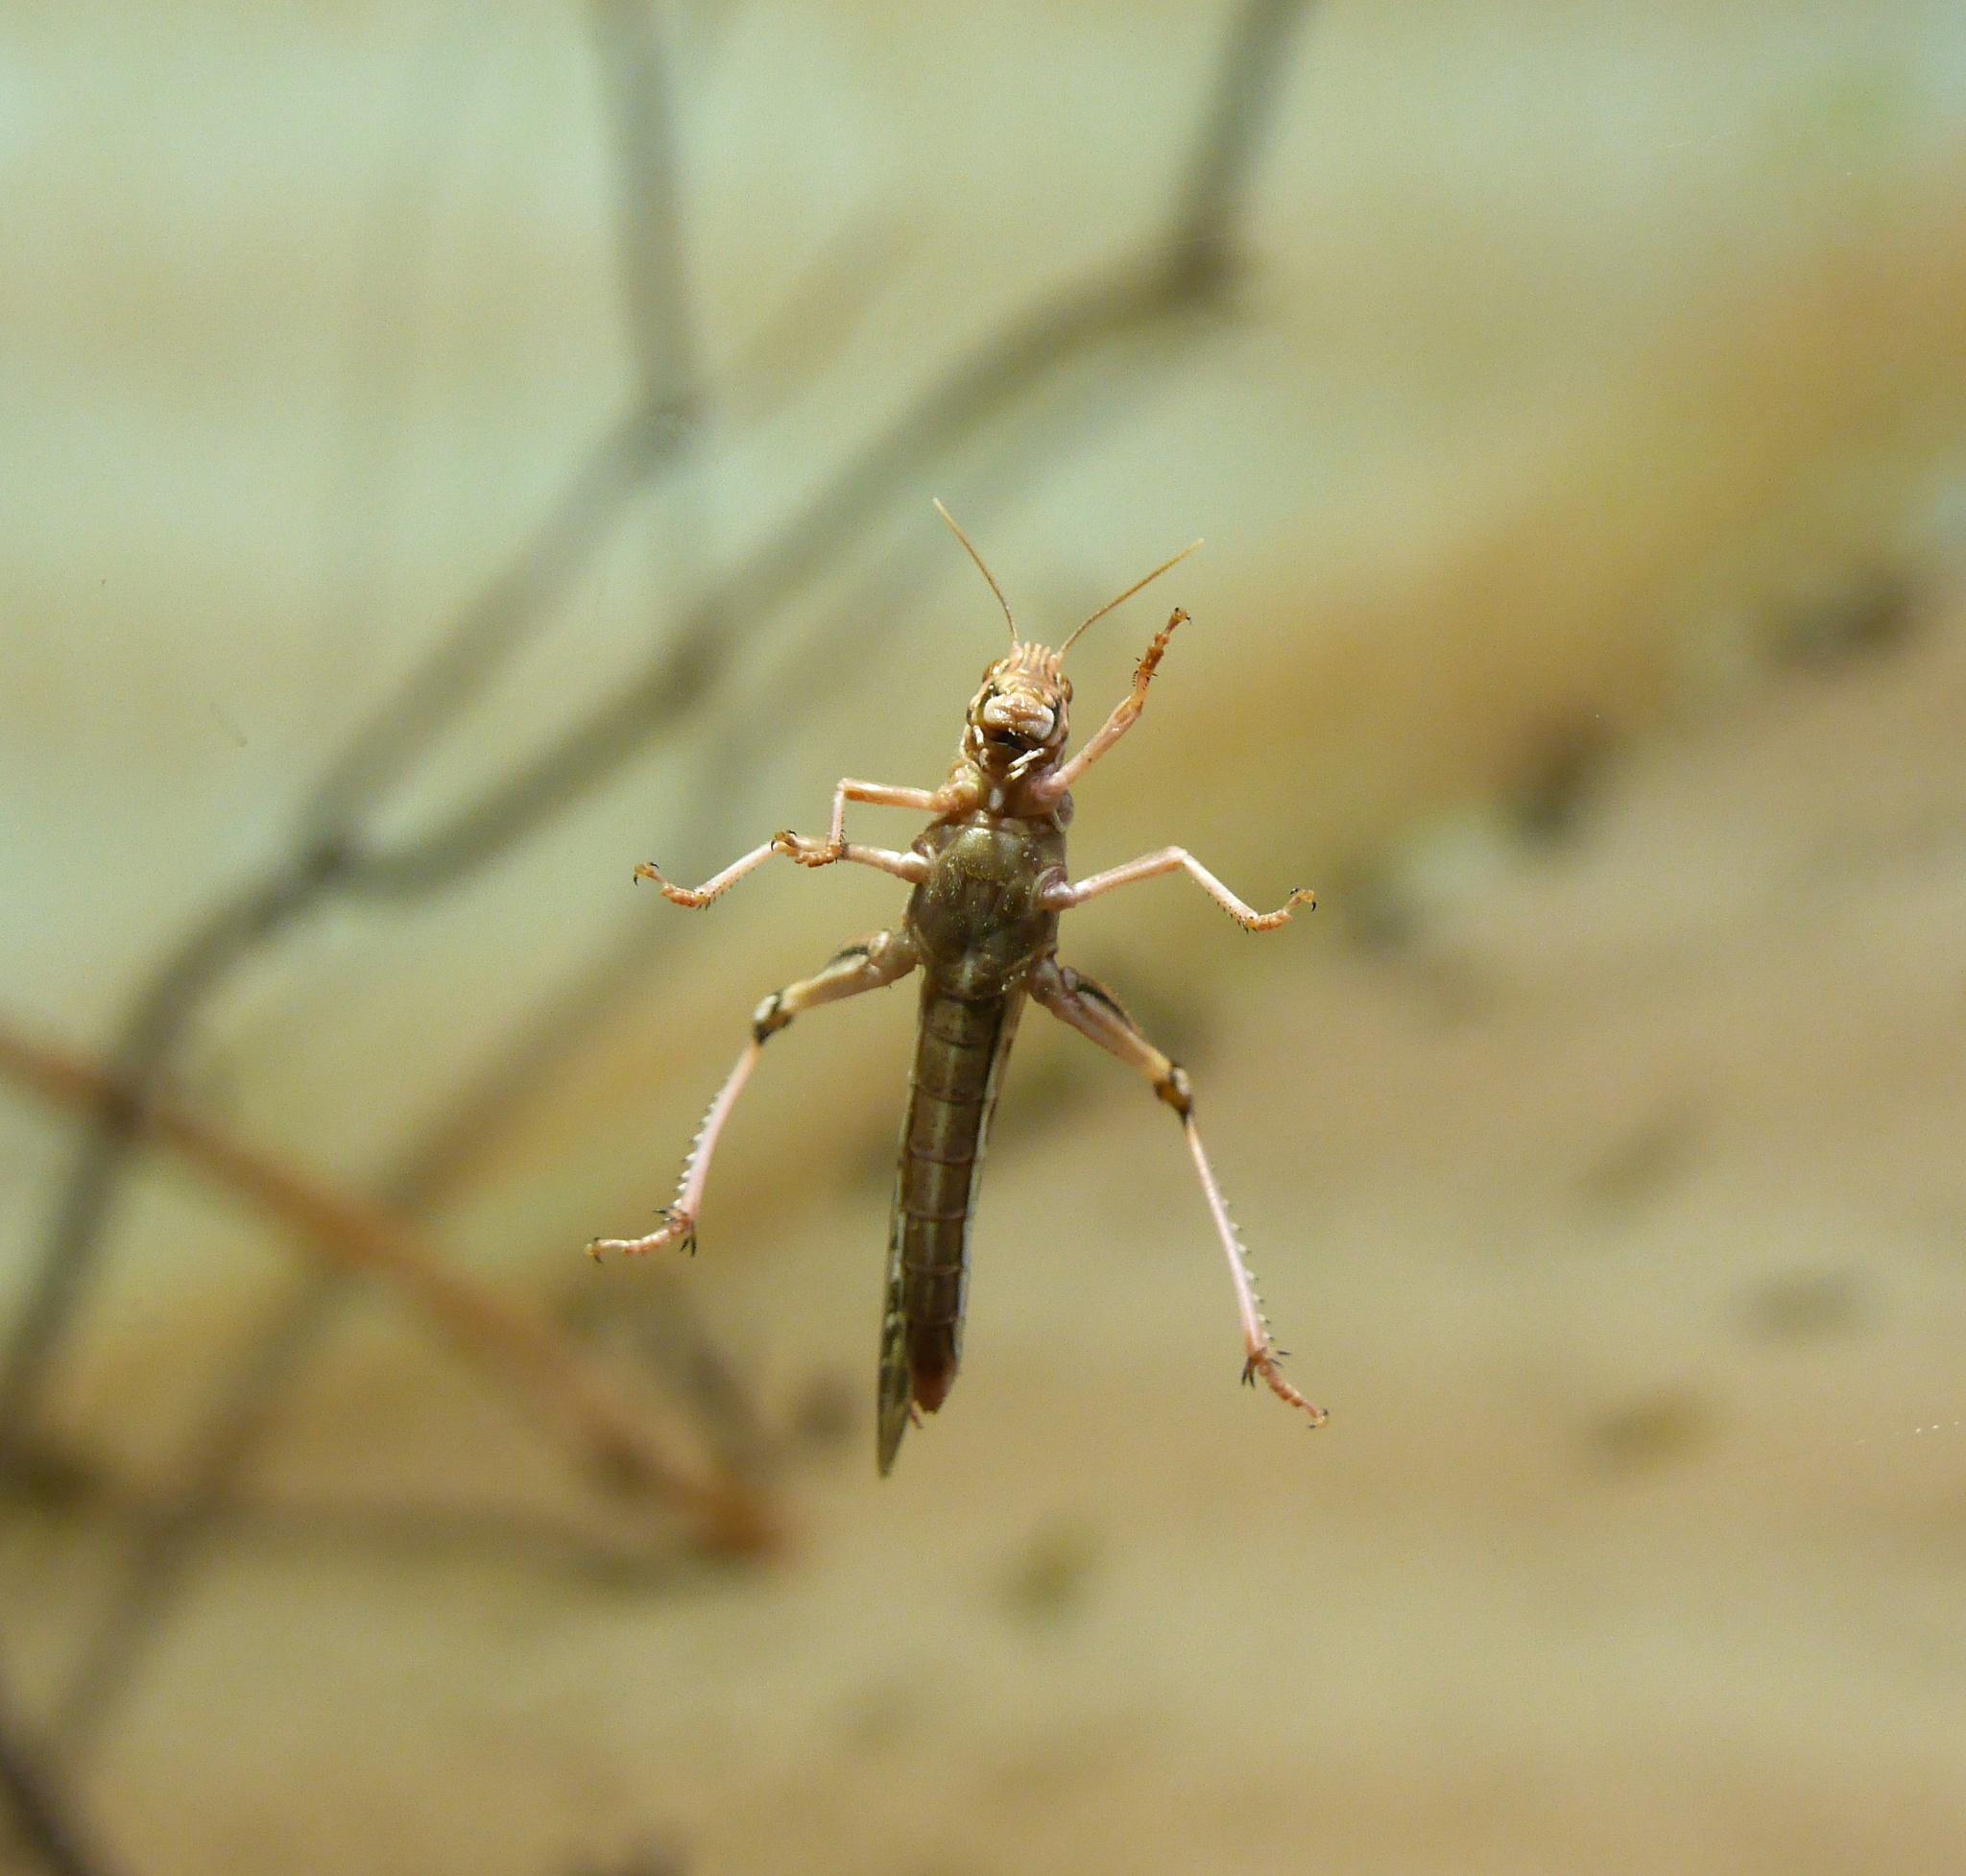 A locust by Seymour White